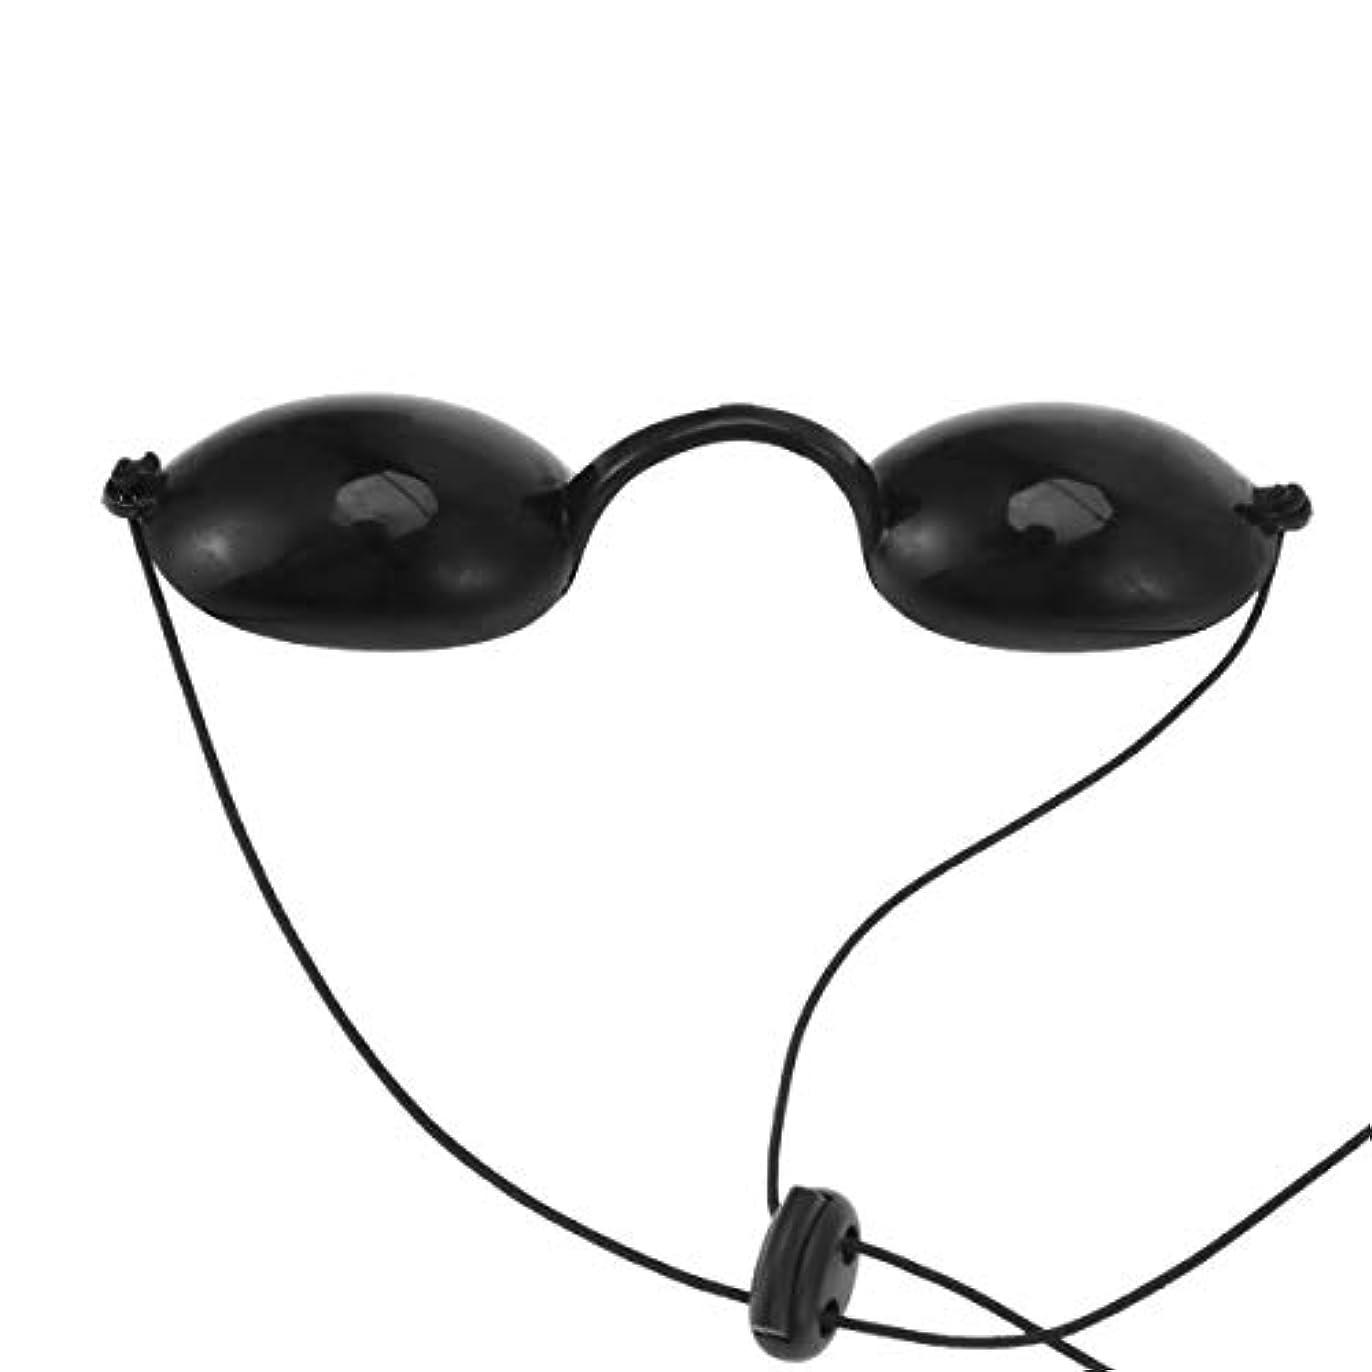 構造ぼかす折SUPVOX成人日焼けゴーグルUVプロテクションアイパッチライトセラピーメガネアイカラー(ブラック)